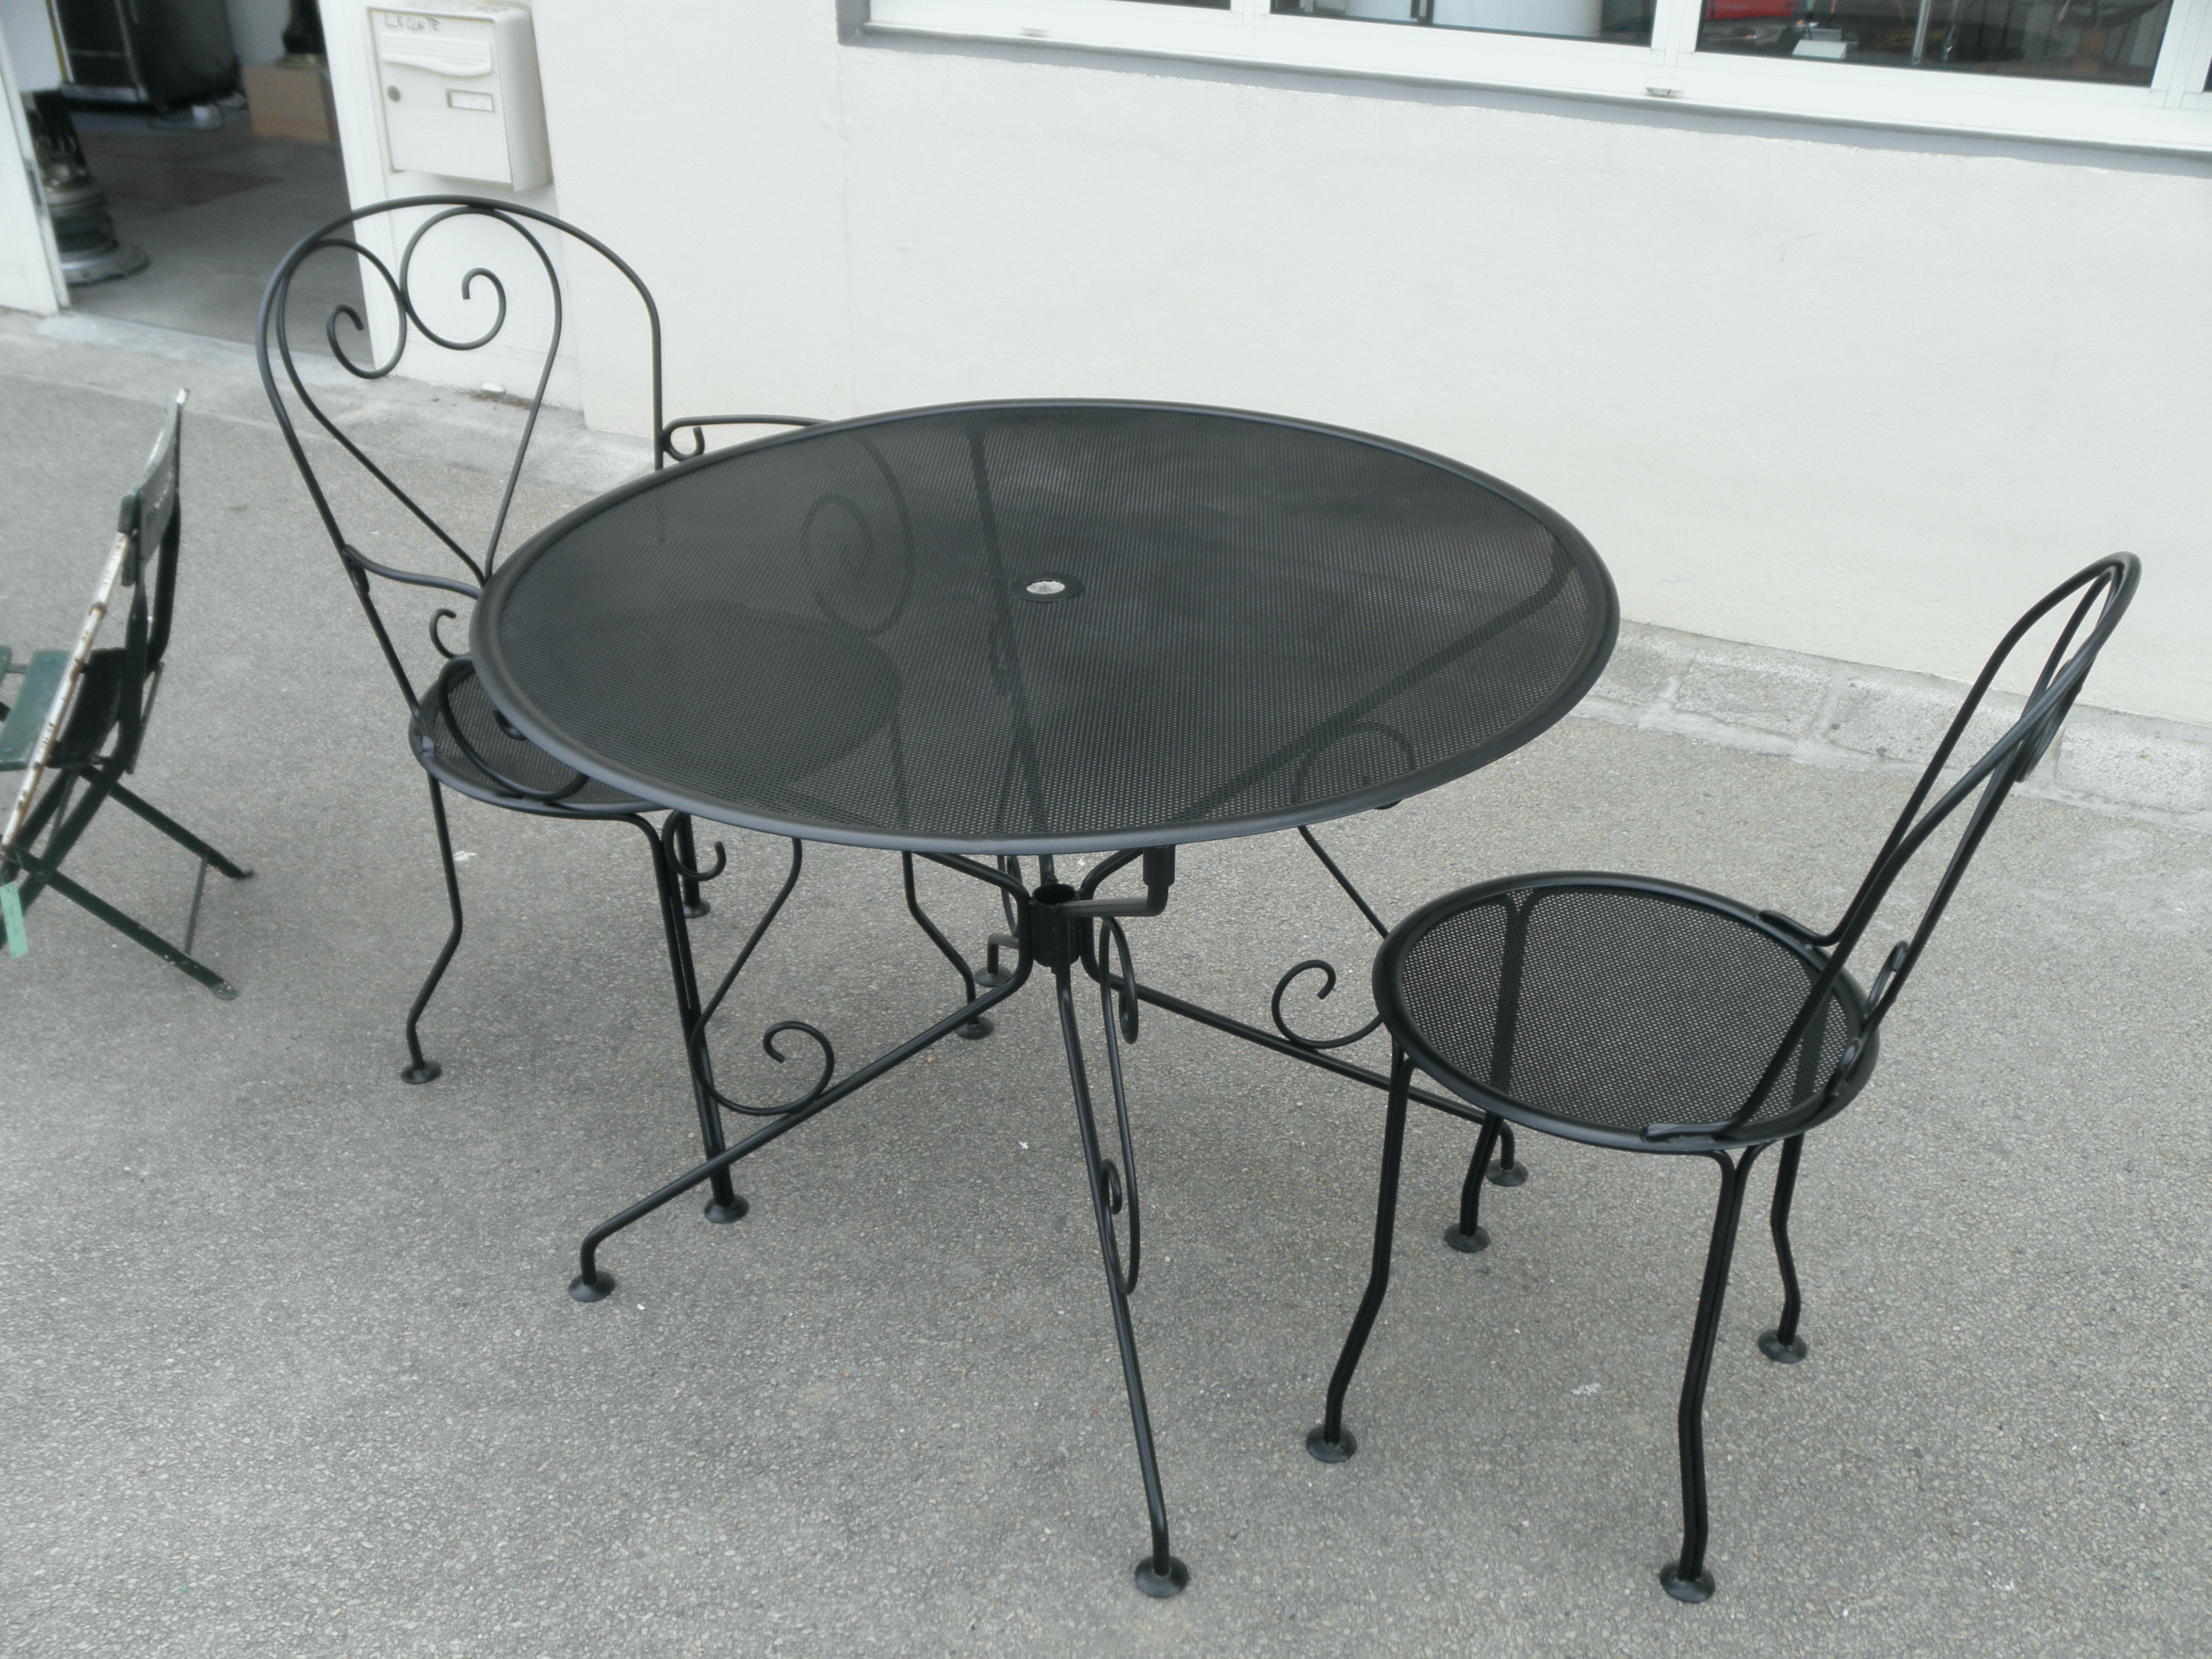 Table De Ping Pong Leclerc Frais Photographie Housse Table De Jardin Luxe Housse De Coussins En Tissu Japonais